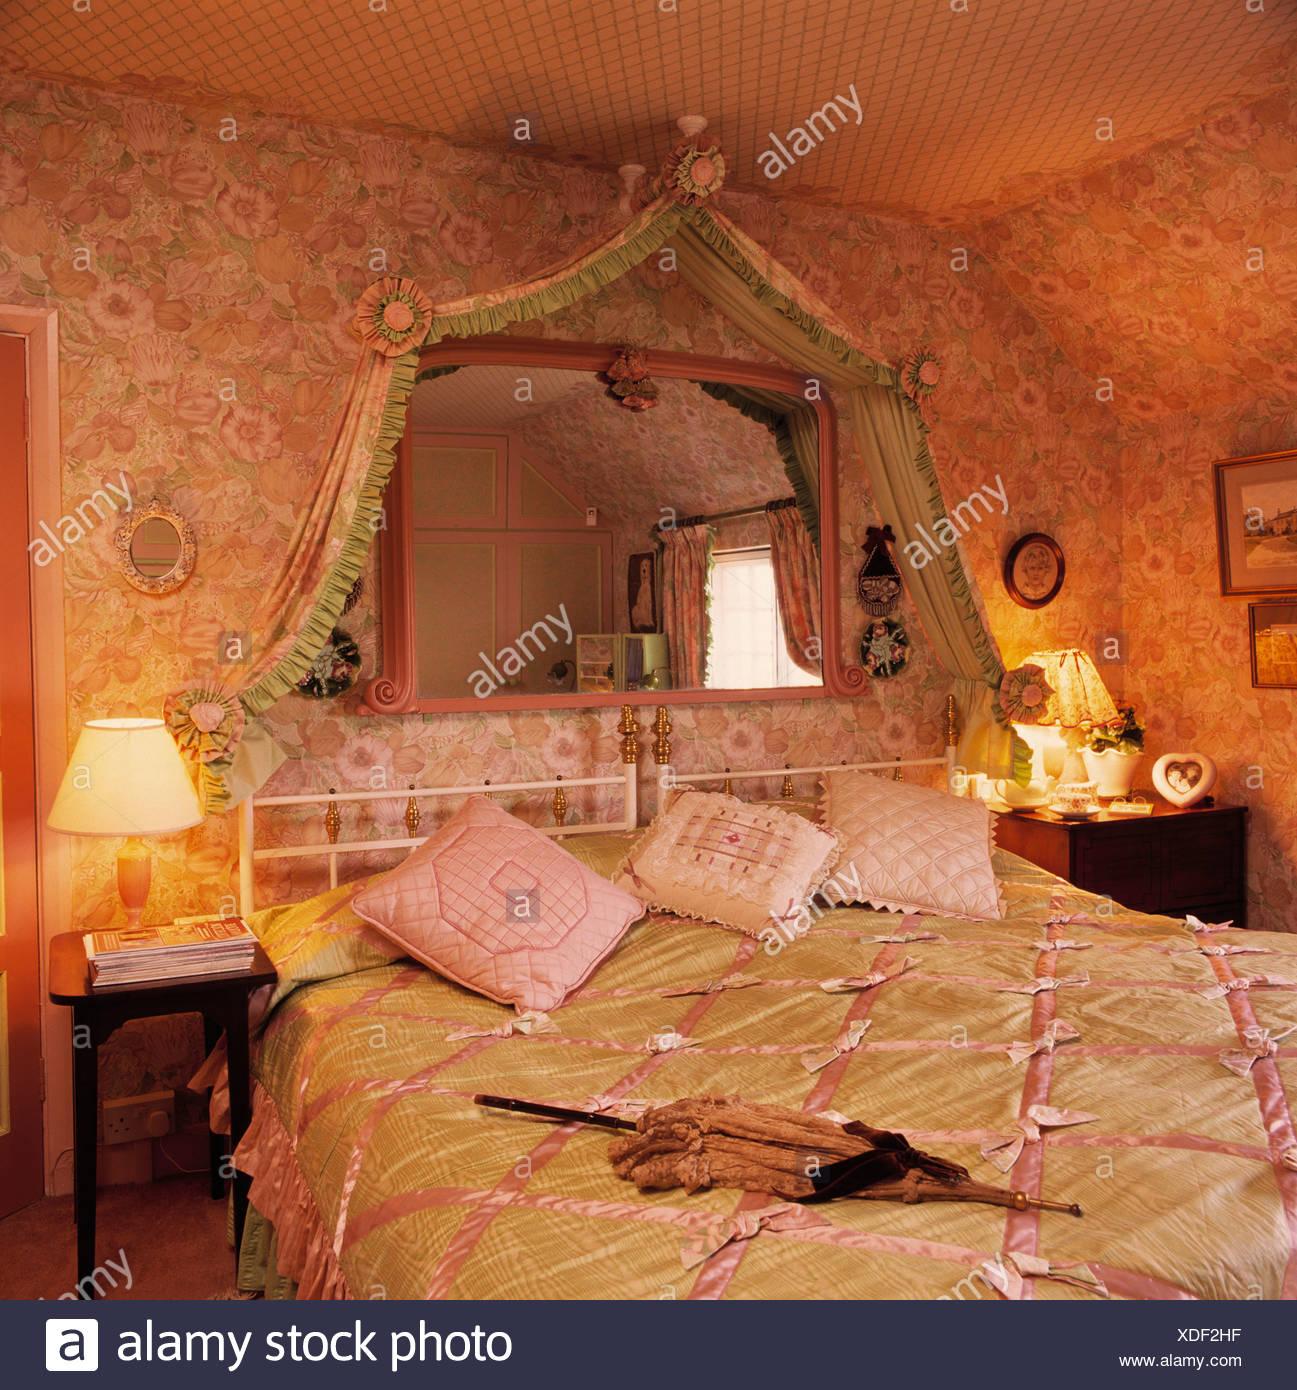 Spiegel Uber Dem Bett Mit Rosa Und Grun Satin Quilt In Schlafzimmer